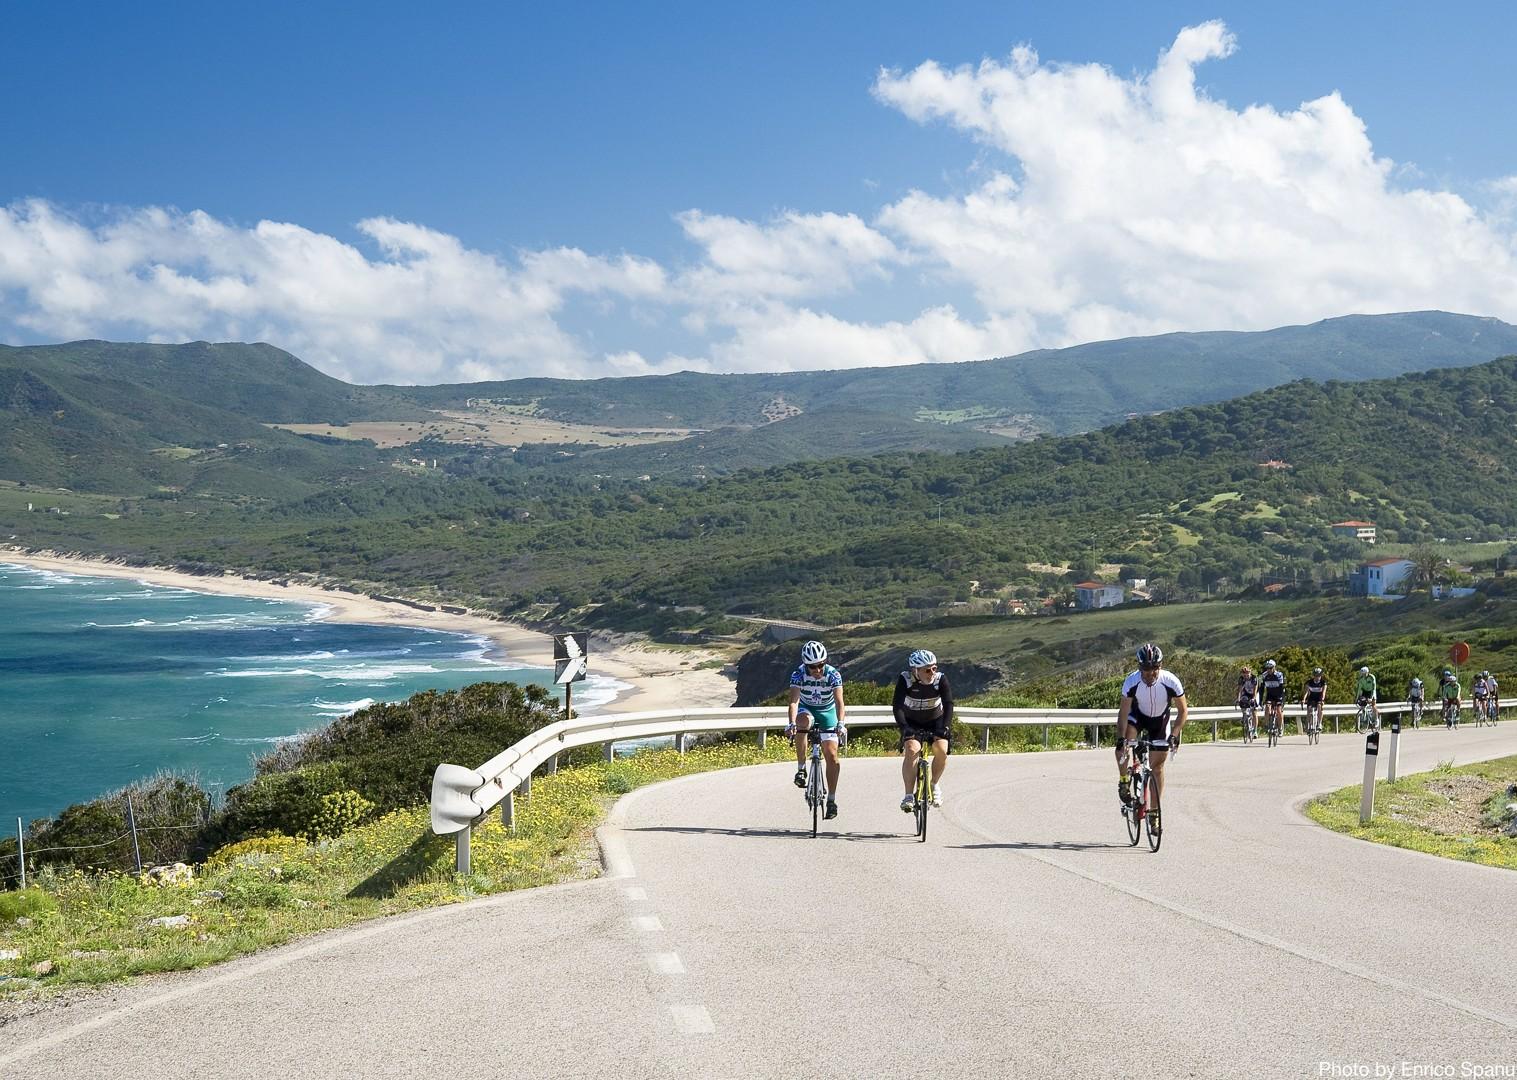 Sardinia-Coastal-Explorer-Self-Guided-Road-Cycling-Holiday-Alghero-to-Bosa.jpg - Italy - Sardinia - Coastal Explorer - Self Guided Road Cycling Holiday - Italia Road Cycling